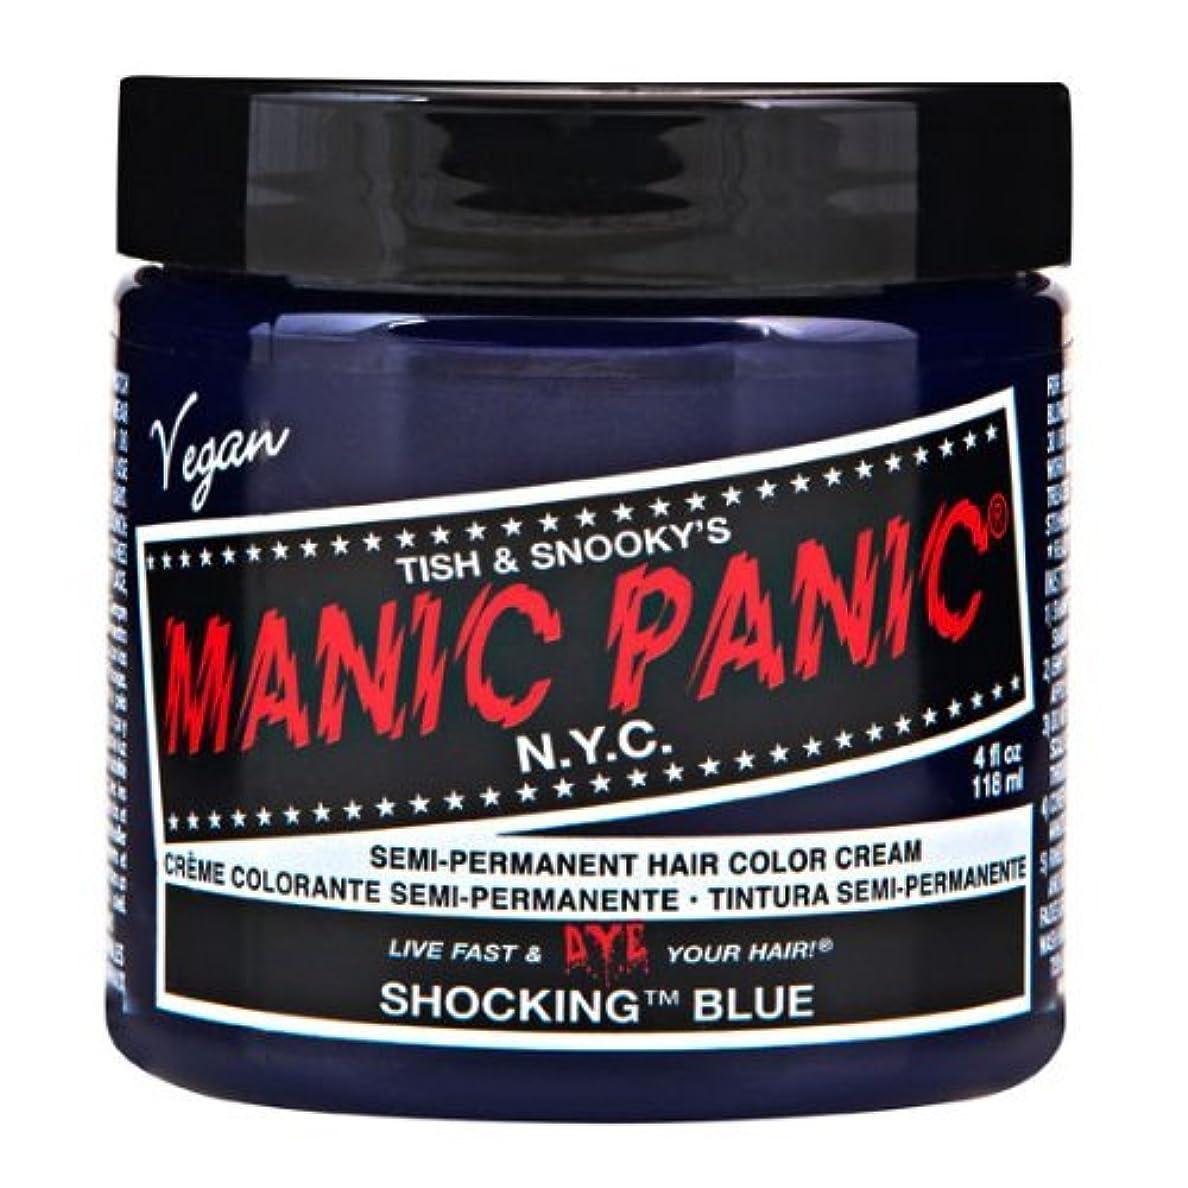 菊使用法対応マニックパニック MANIC PANIC ヘアカラー 118mlショッキングブルー ヘアーカラー